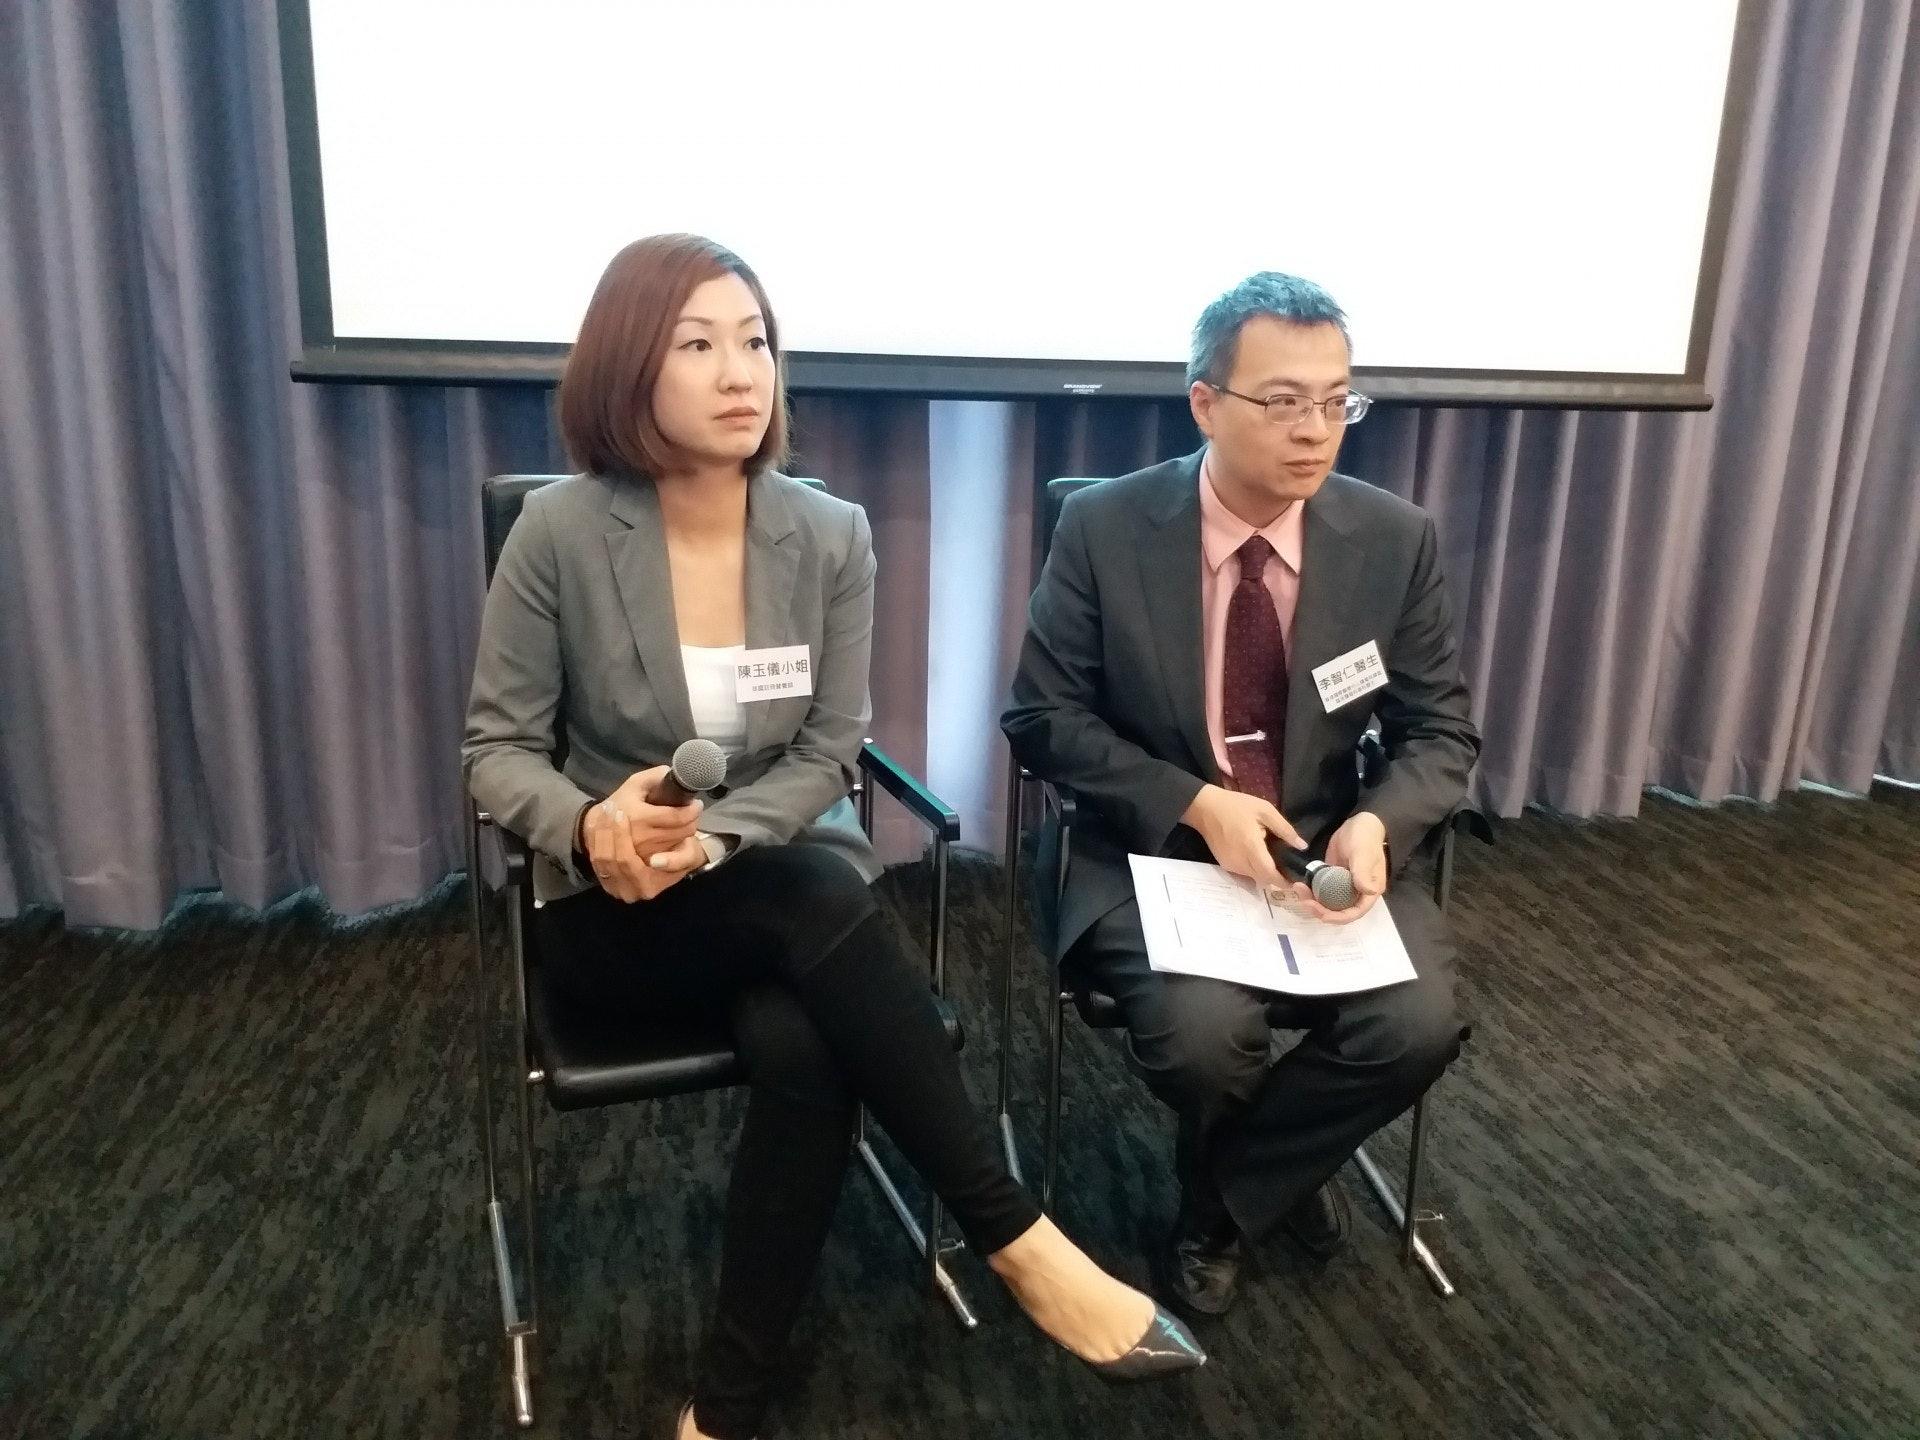 香港國際醫療中心腫瘤科總監、臨床腫瘤科專科醫生李智仁(右)指,「餓死癌細胞」是謬誤。(侯彩琳攝)